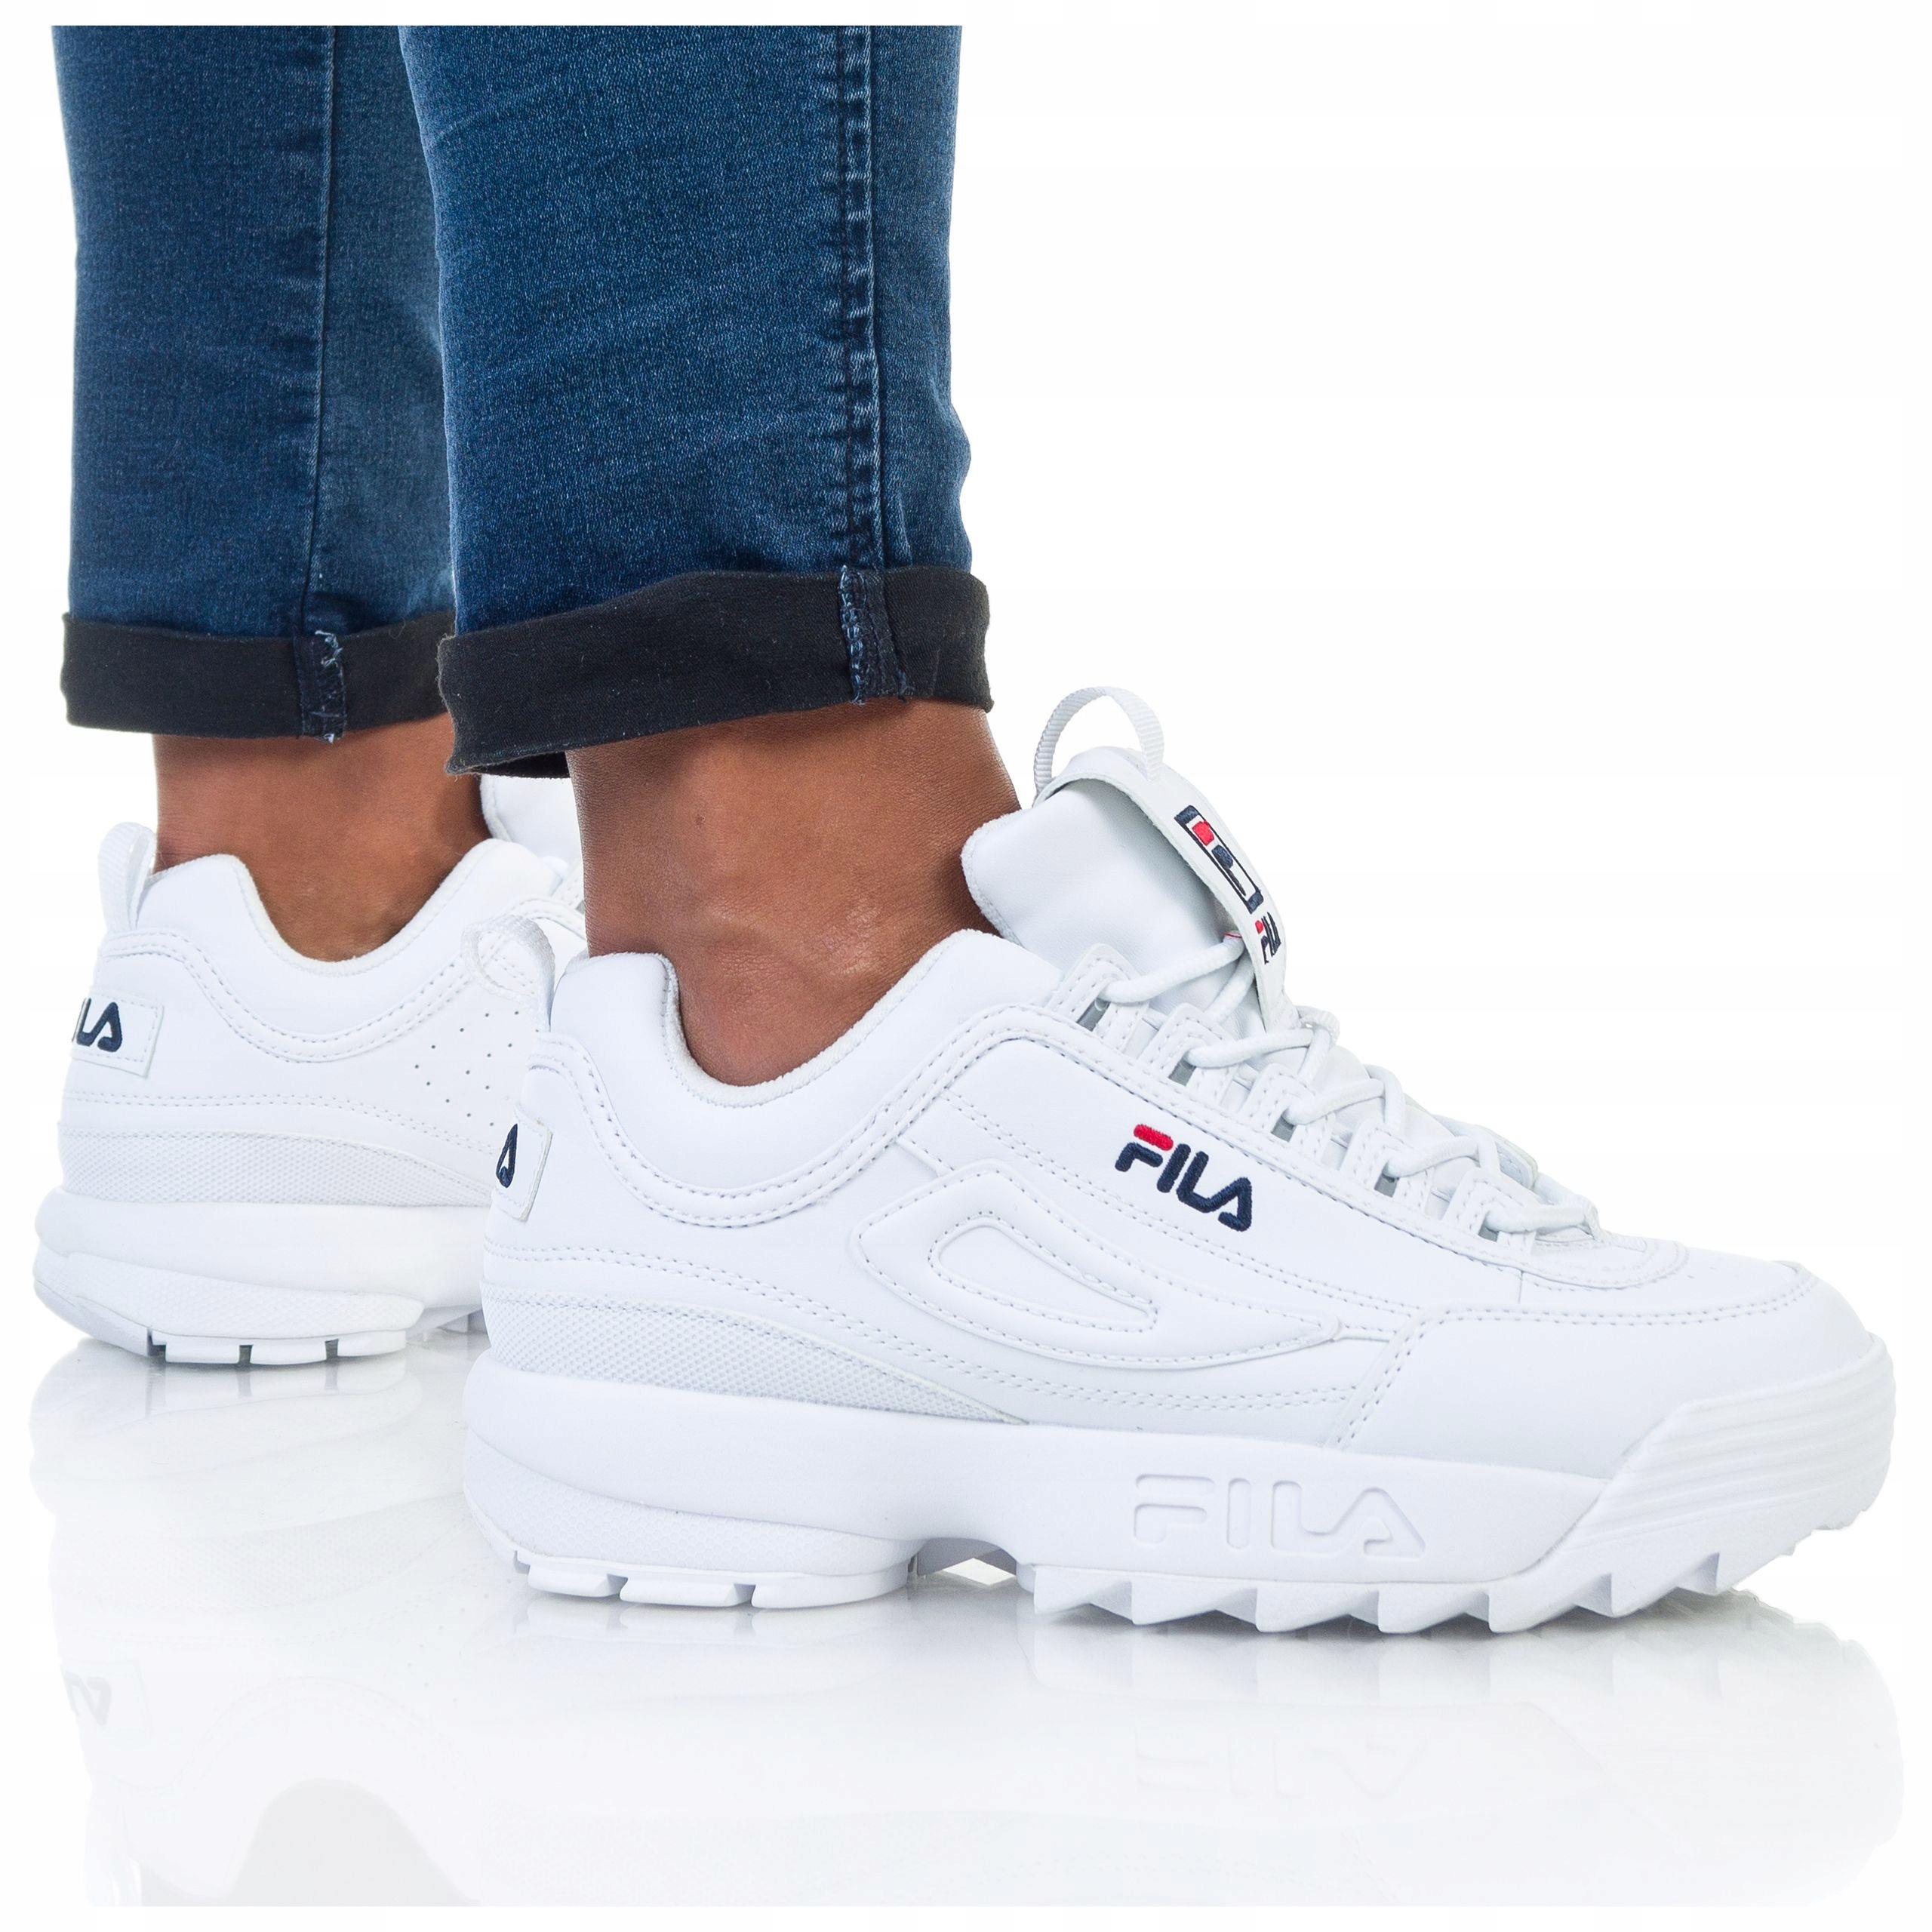 Białe Buty męskie sportowe marki Fila kupuj tanio z